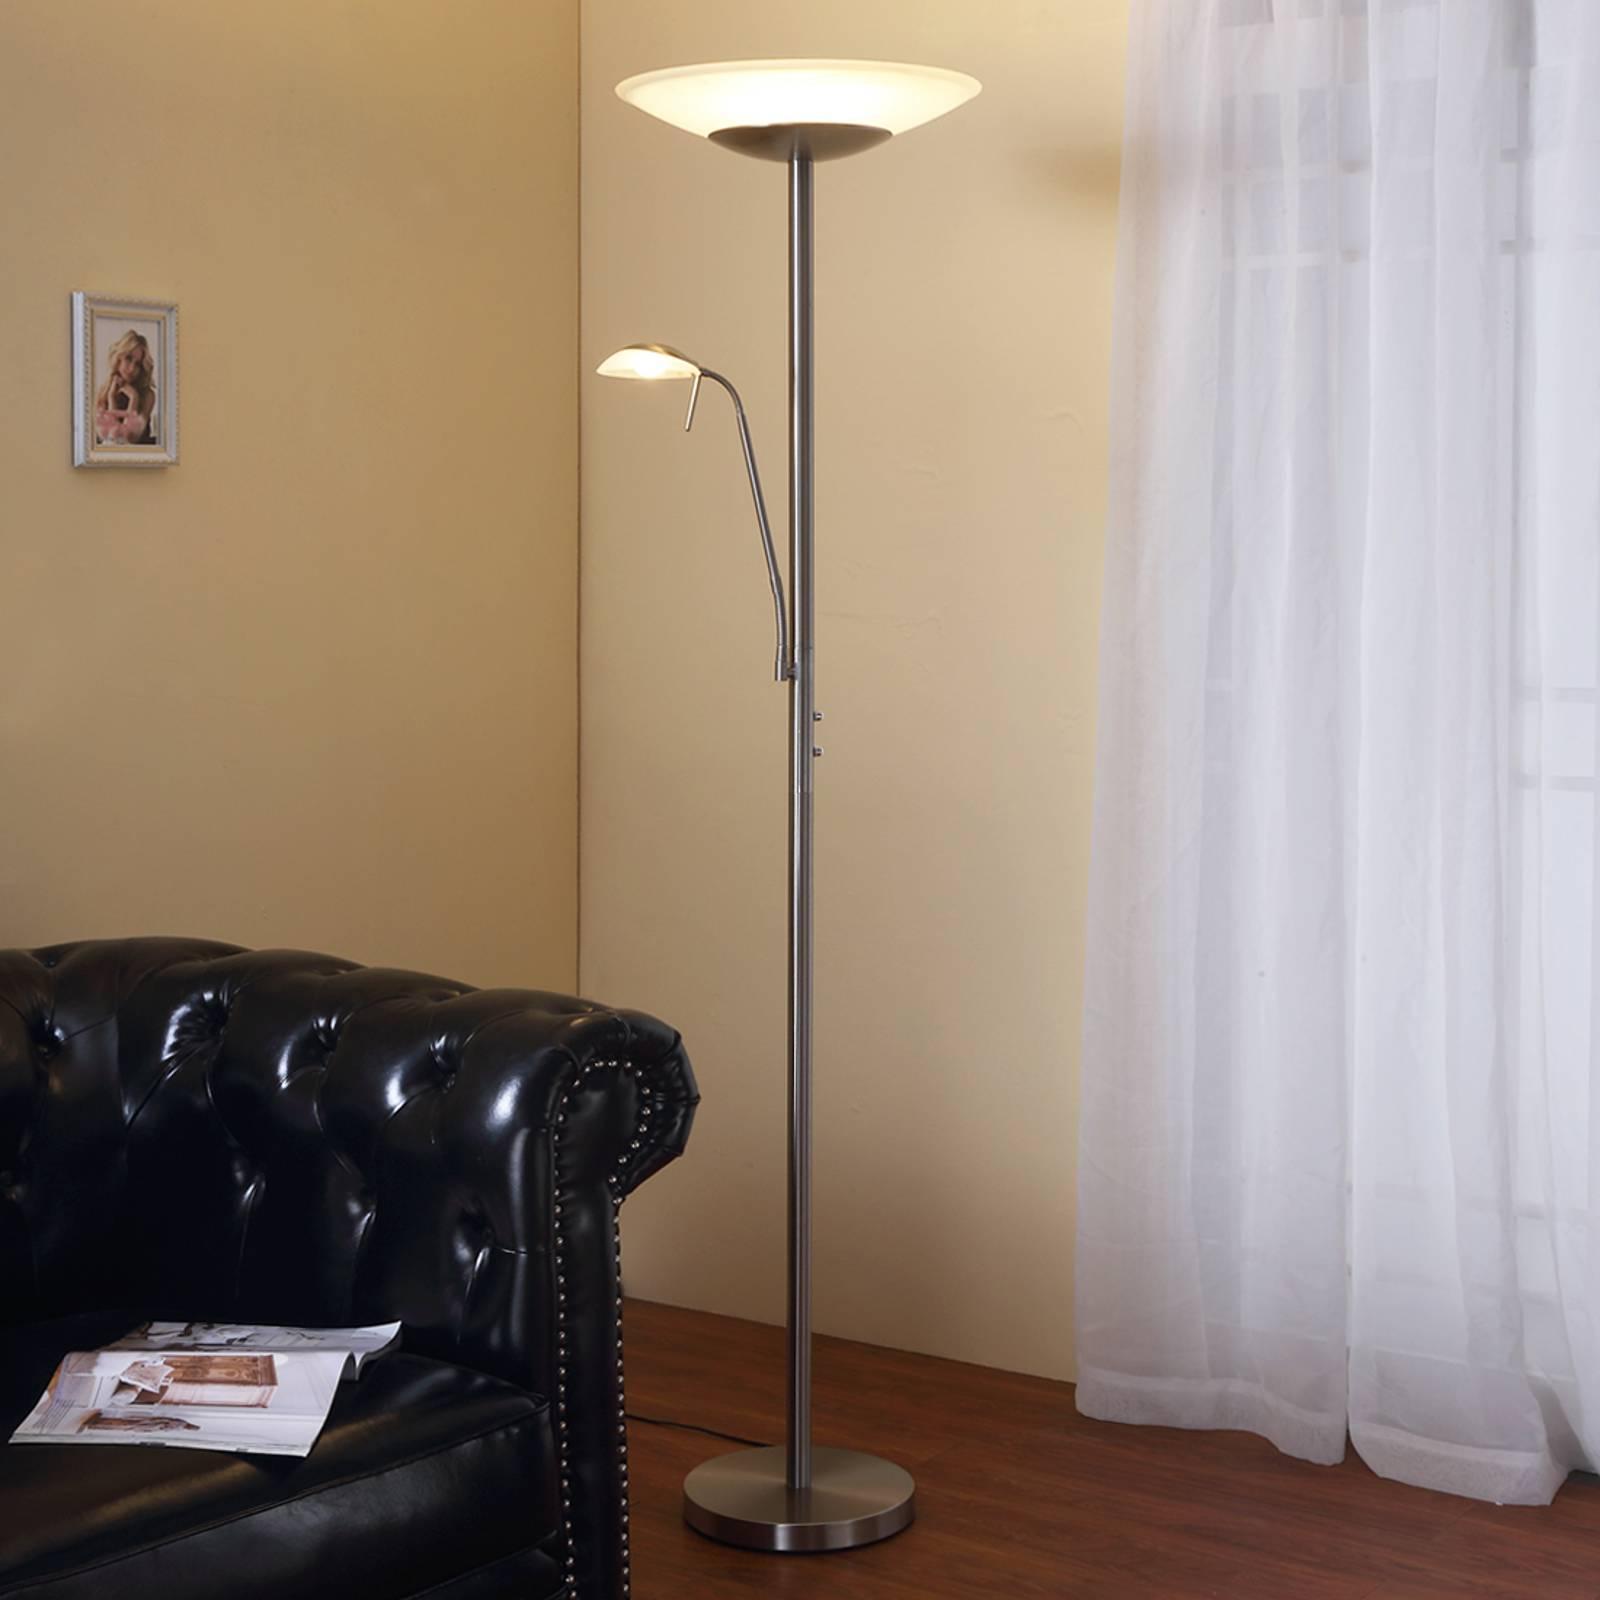 LED uplighter Ragna met leeslamp, nikkel mat